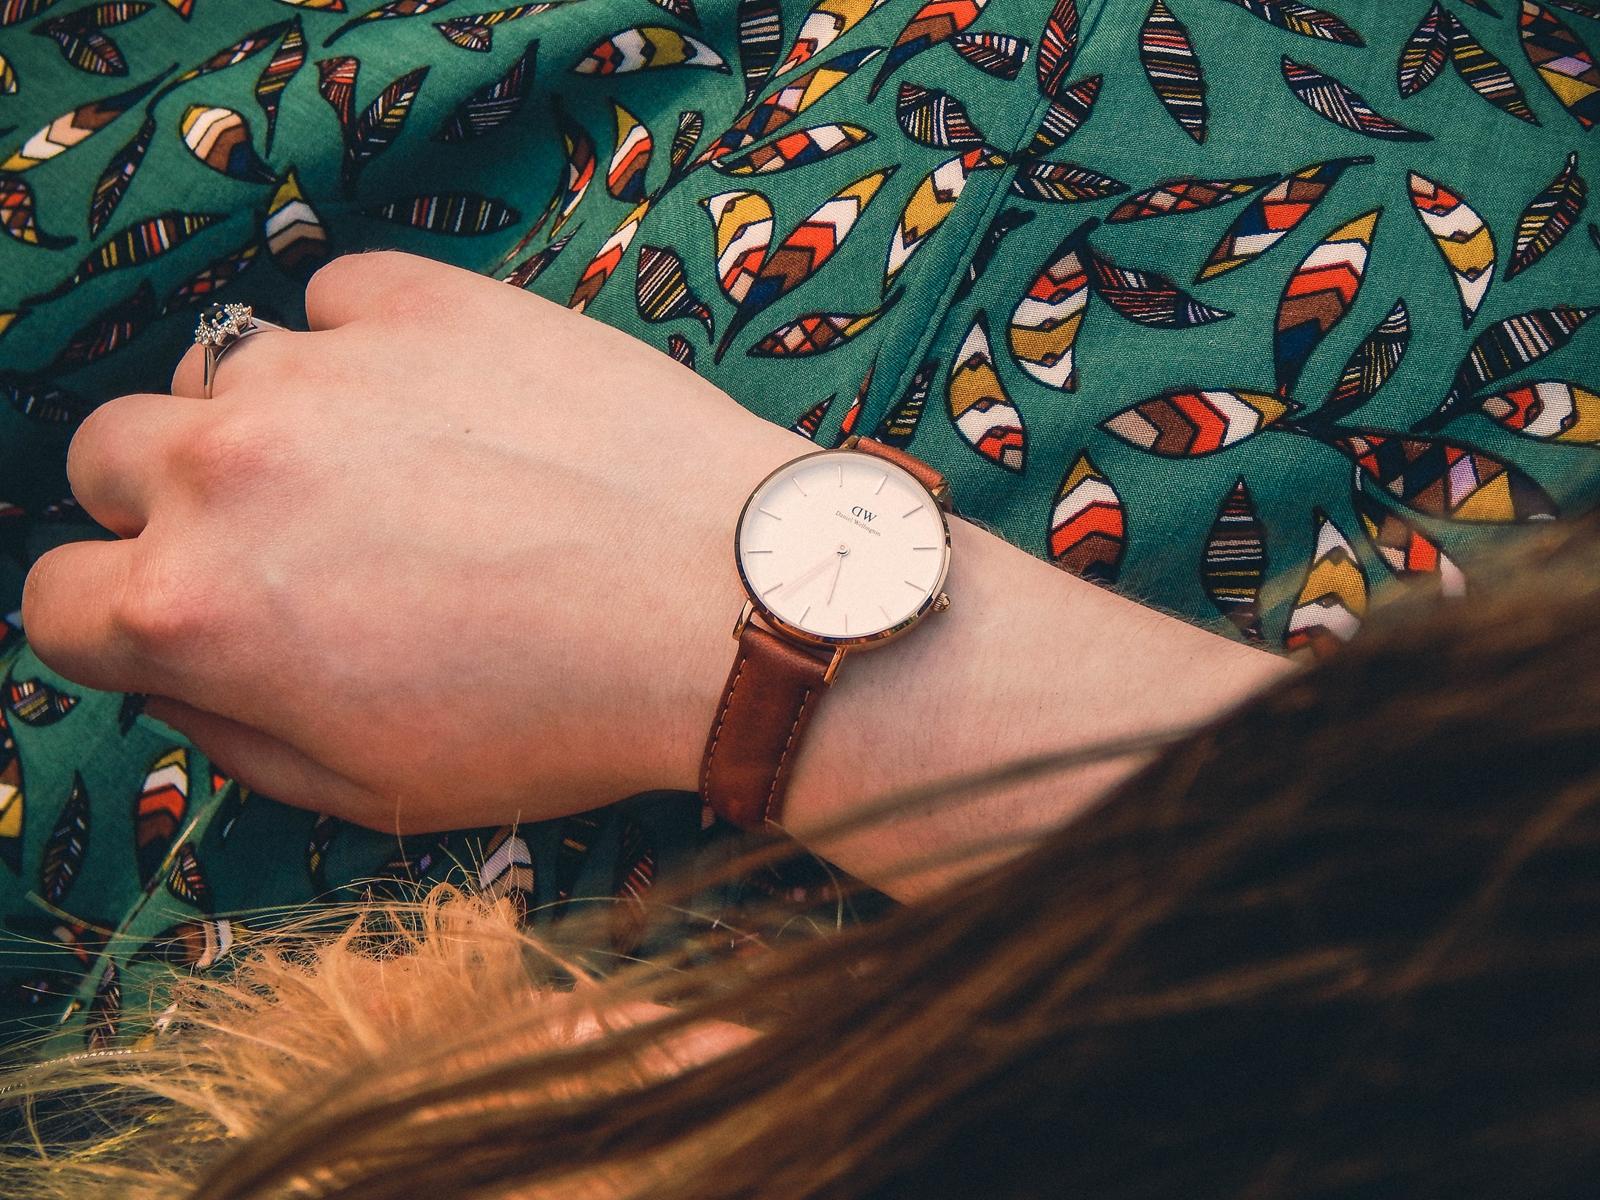 1 stylizacja polskie blogi modowe streetwear daniel wellington pracownia fio ciekawe polskie młode marki modowe odzieżowe instagram melodylaniella